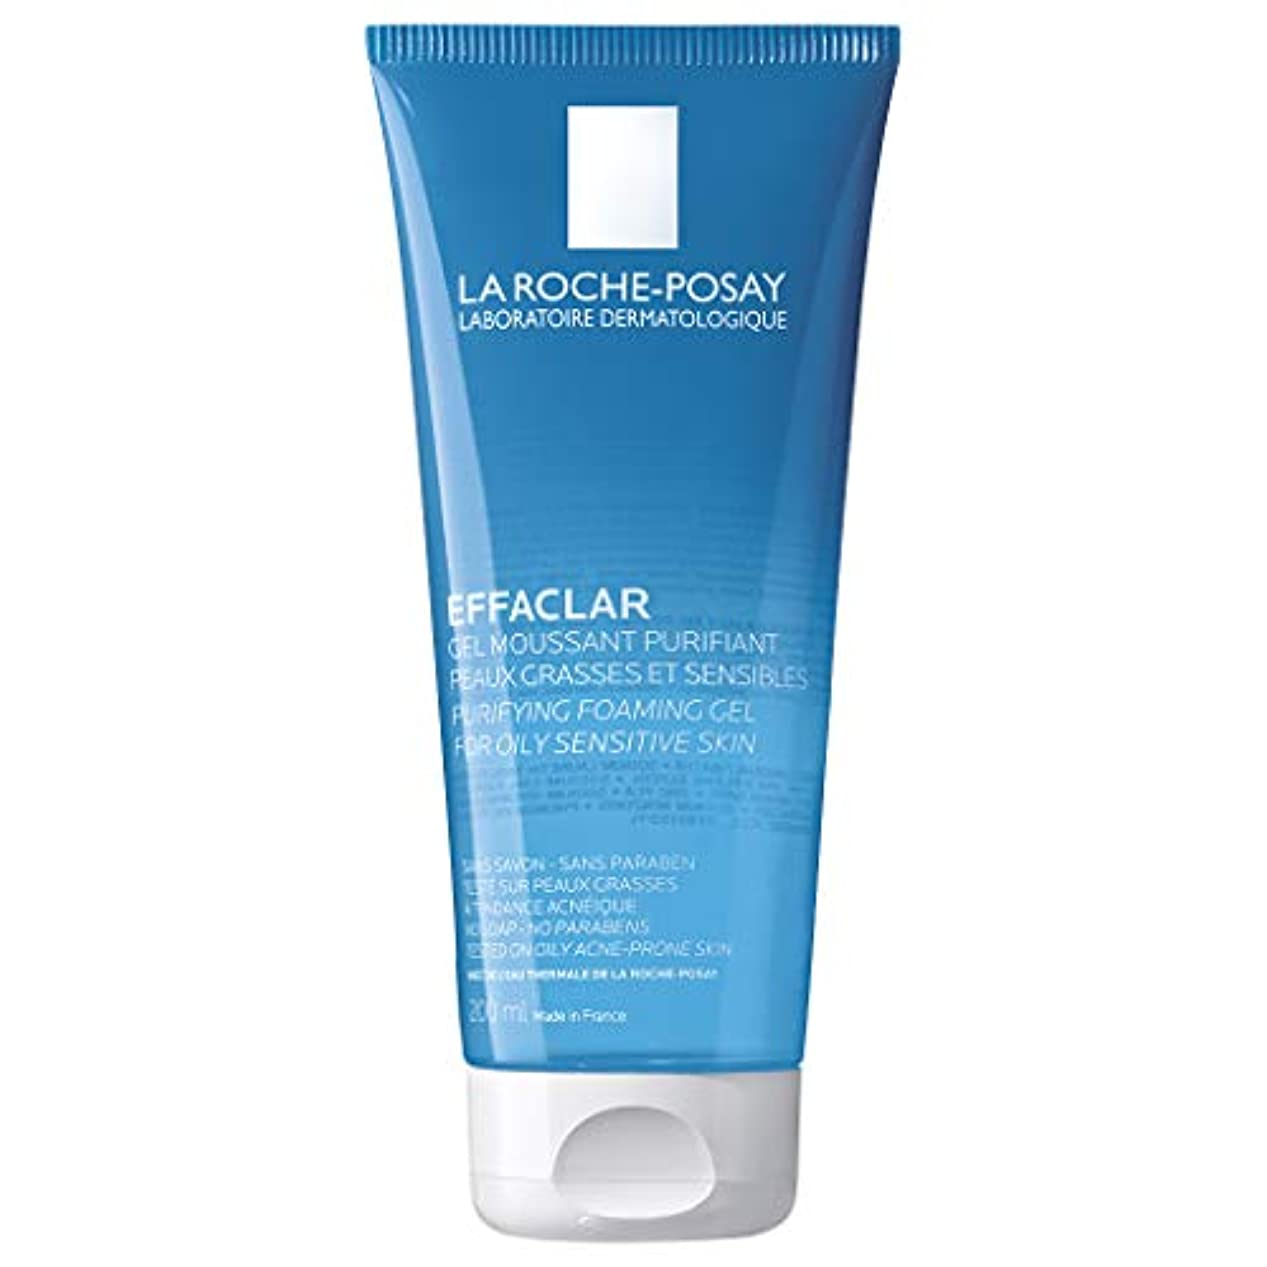 クリーク開いたルーチン[ラロシュ布製] エファクラ 脂性肌のためのピュリファイングフォーミングジェルクレンザー 200ml / La Roche-Posay Effaclar Purifying Foaming Gel Cleanser for...